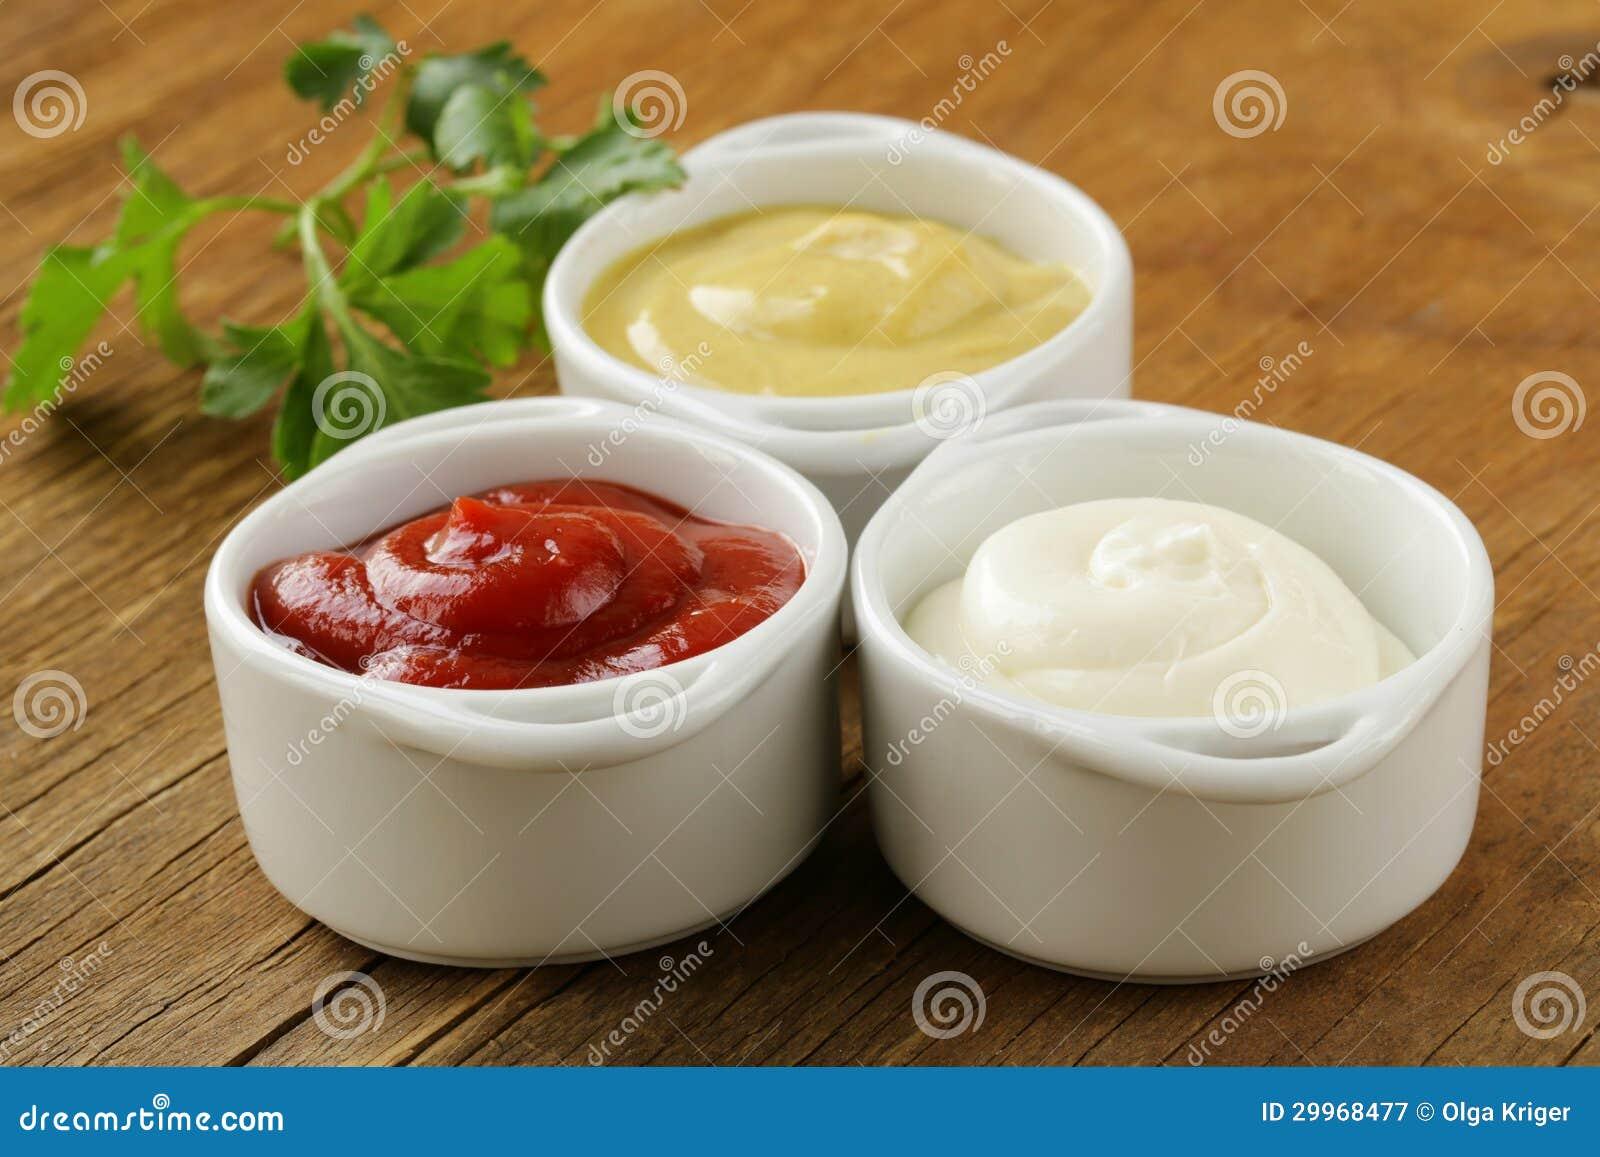 Mosterd, ketchup en mayonaise - drie soortensausen